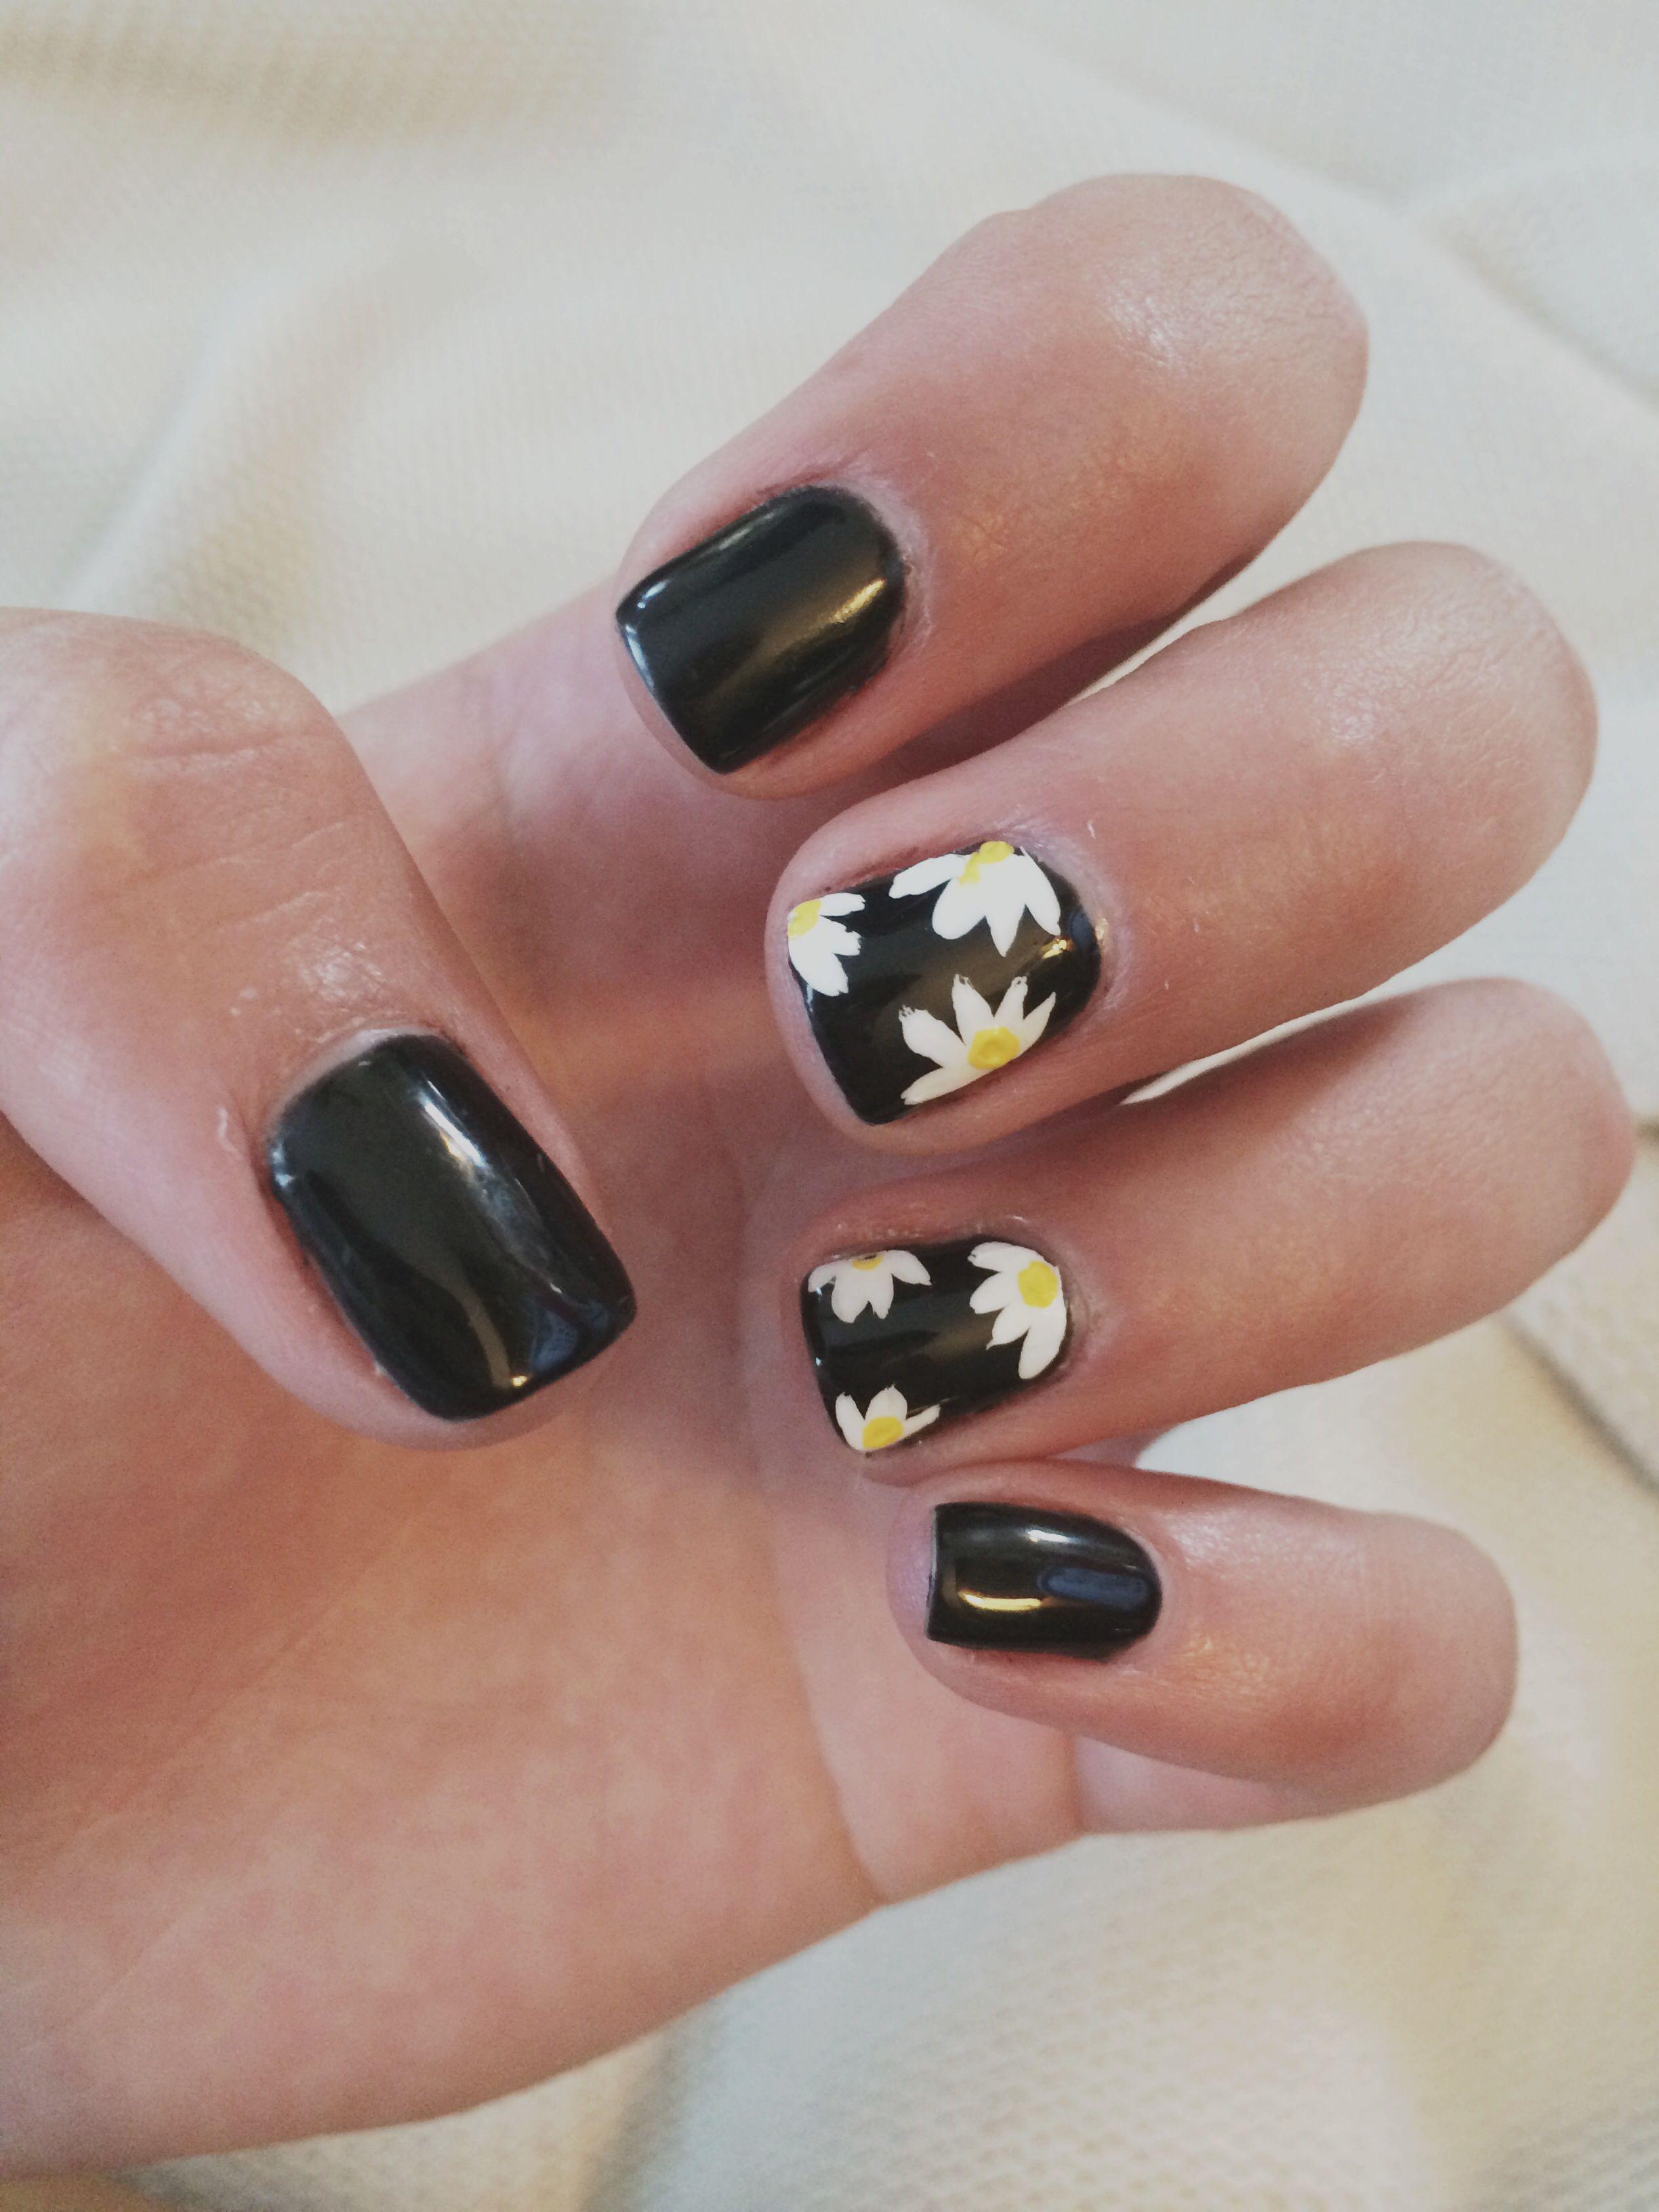 Daisy nail design on Black Shellac Nail Polish | Nail Salon ...